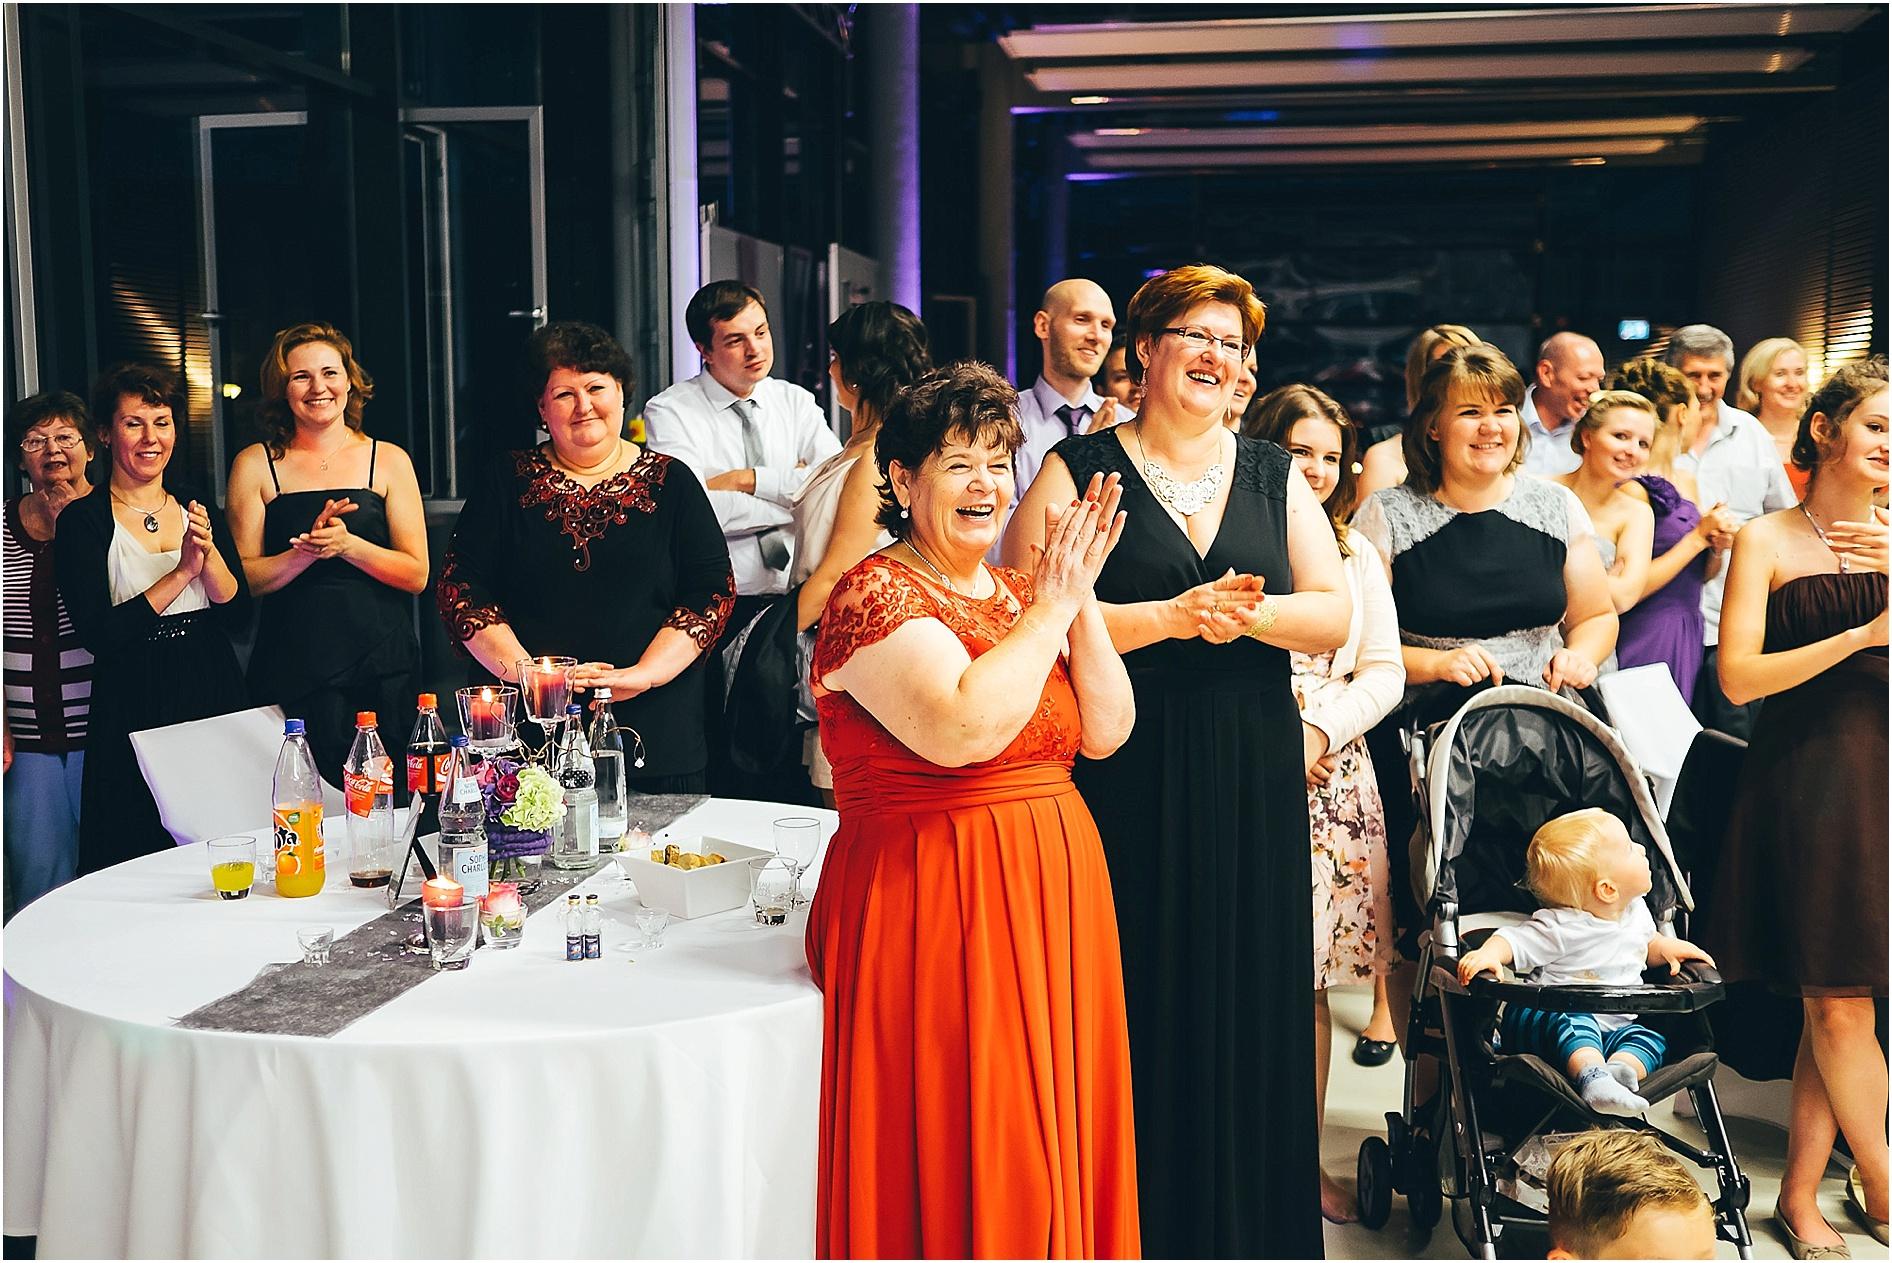 2014-11-20_0122 Lora & Daniel - Als Hochzeitsfotograf in Lüneburg